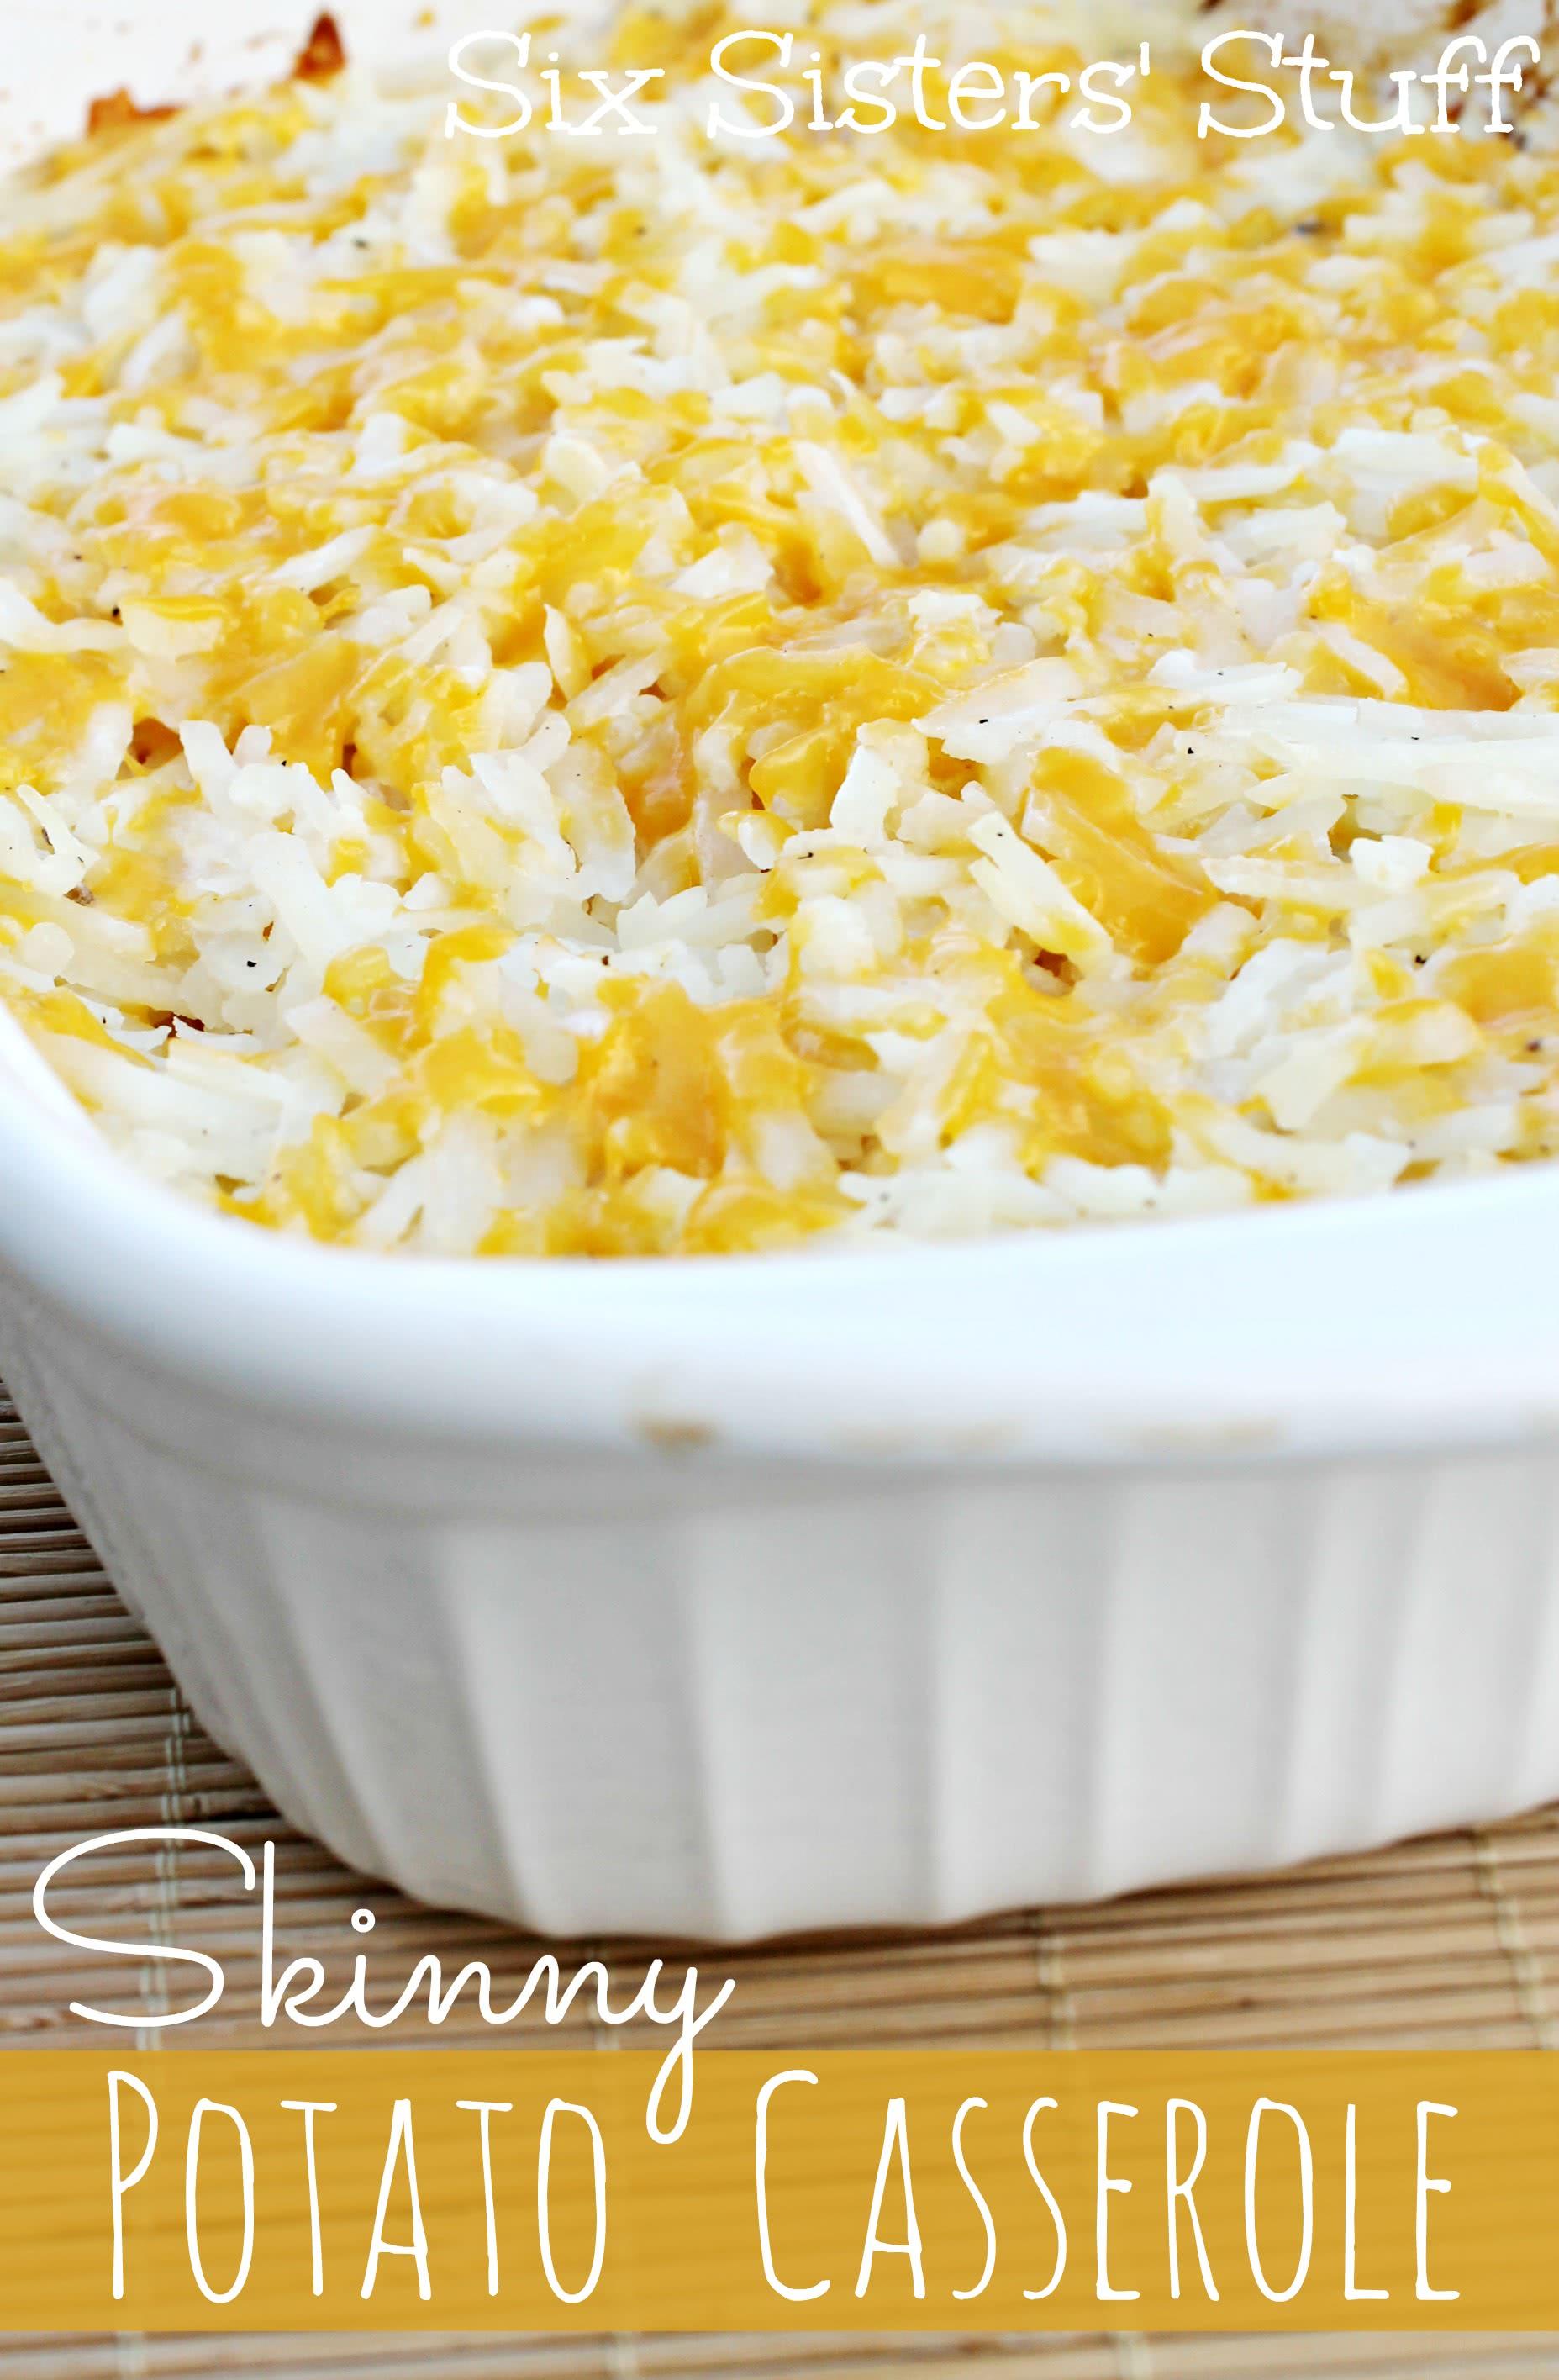 skinny potato casserole